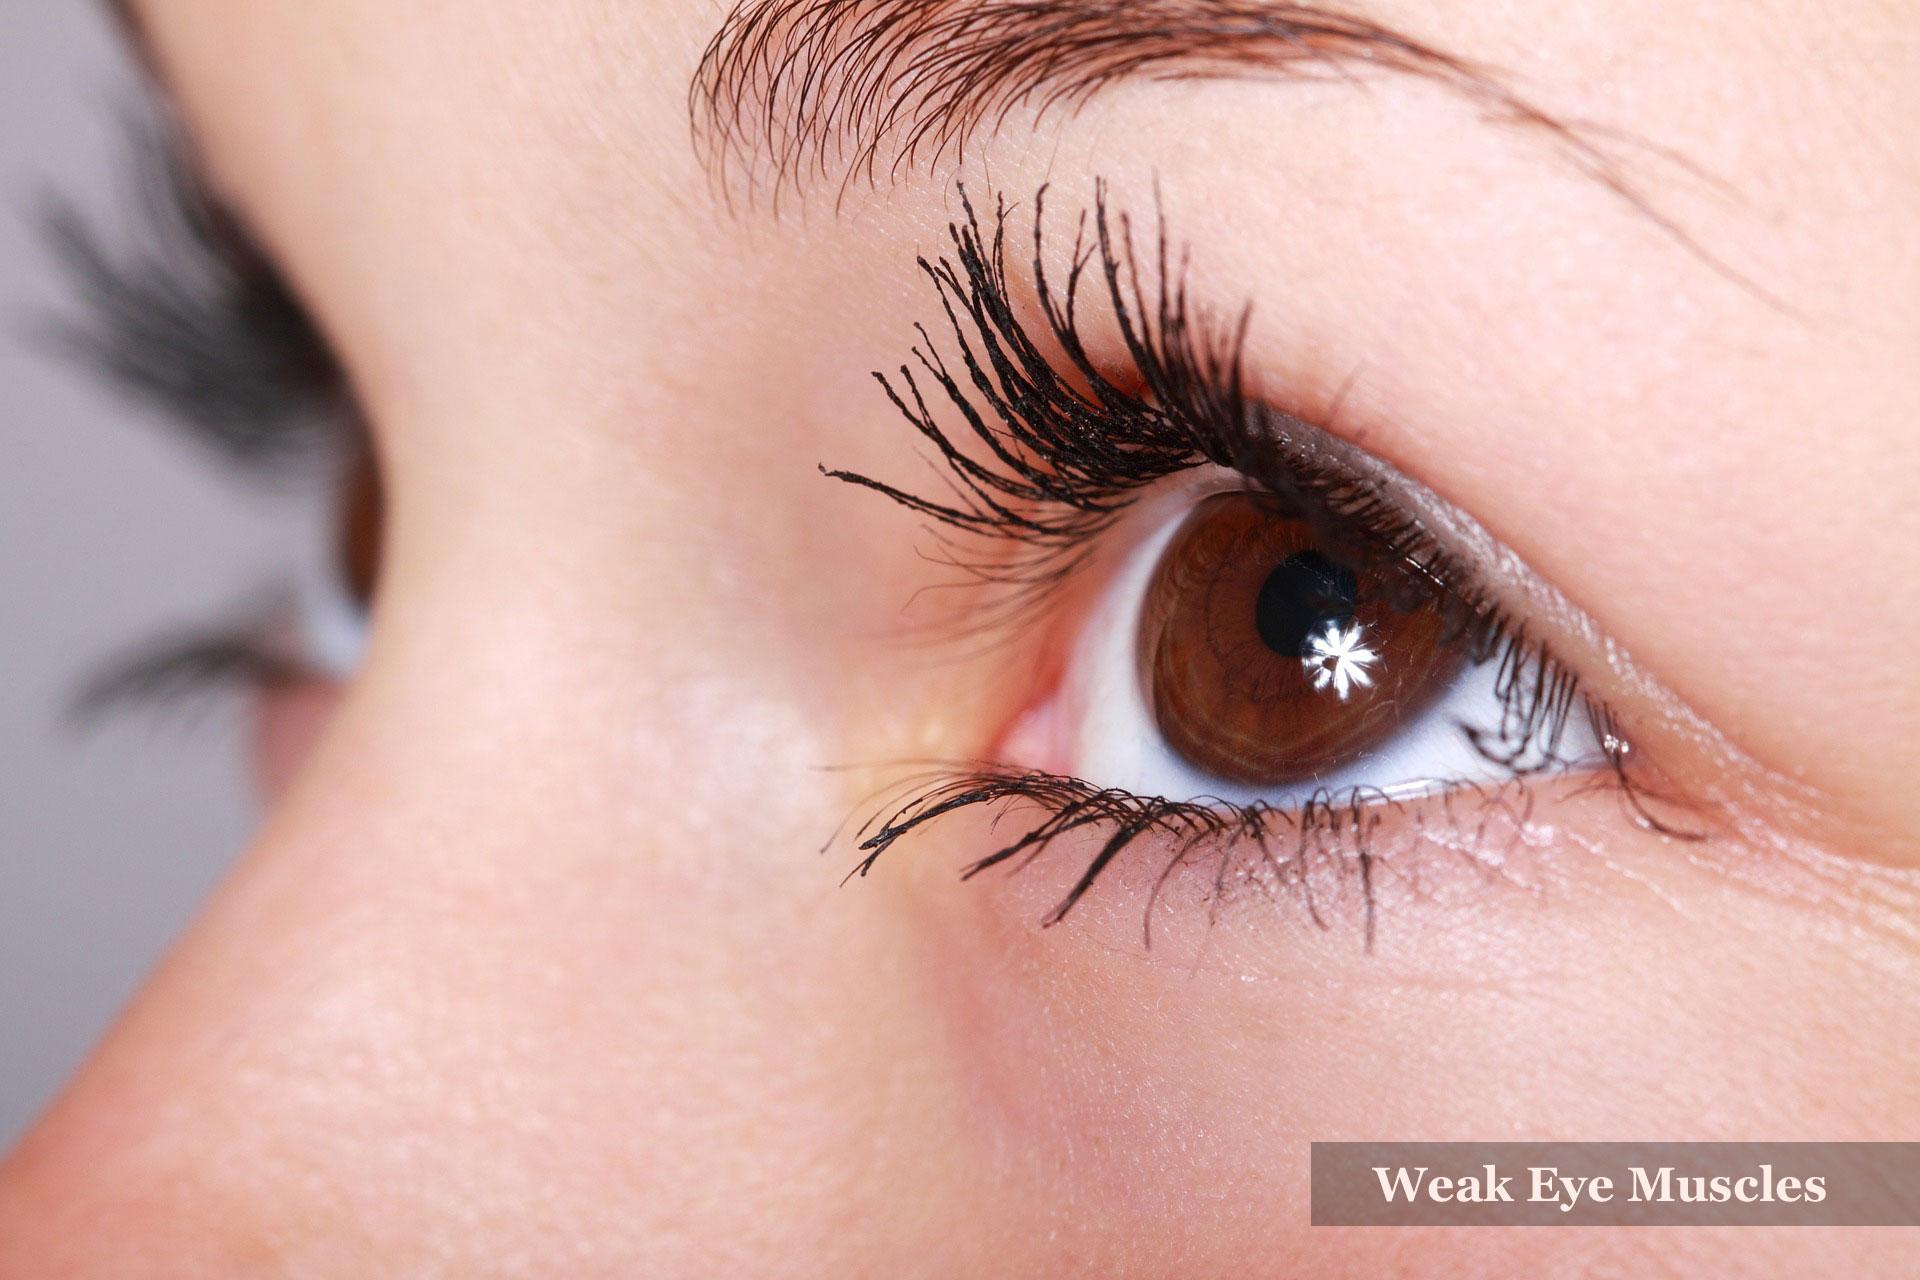 Weak Eye Muscles